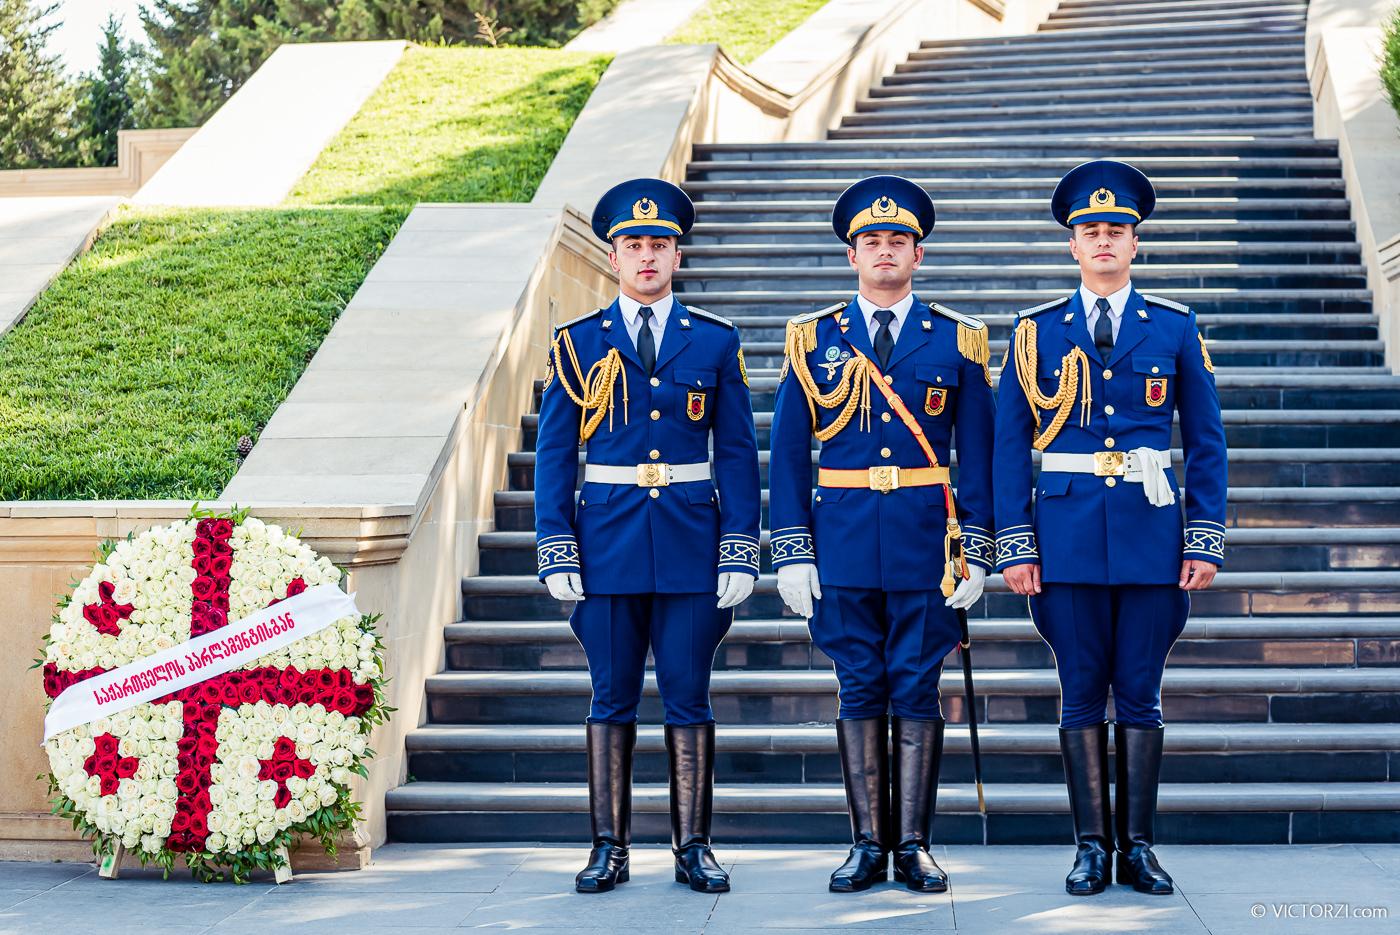 20190620 - Baku - 1522